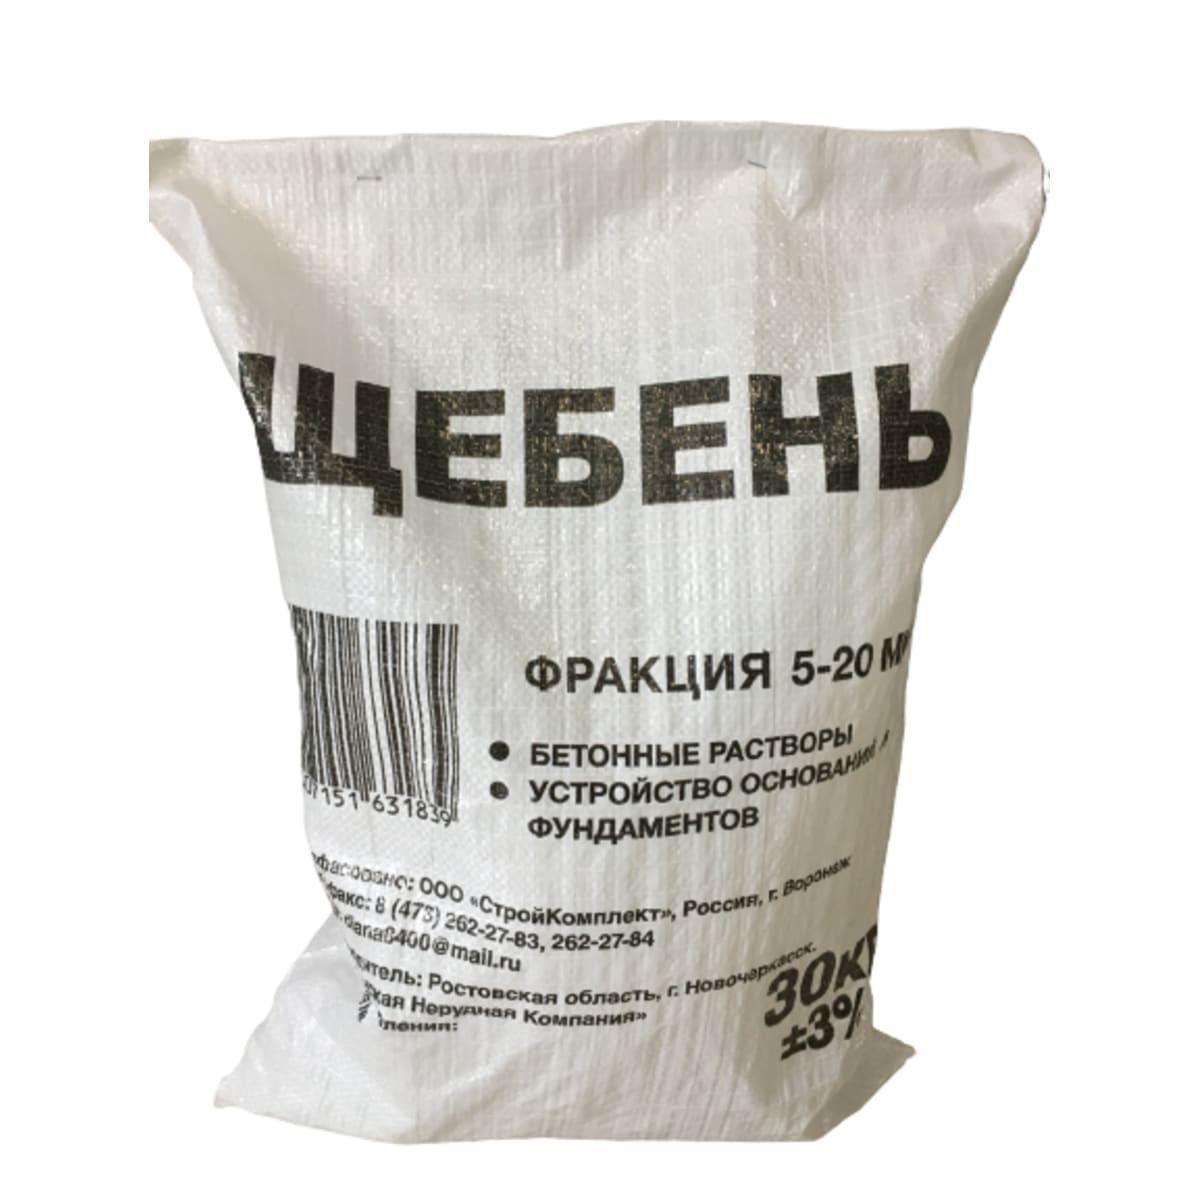 Бетонная смесь в мешках для фундамента цена леруа полиуретановая пропитка для бетона купить в москве в розницу